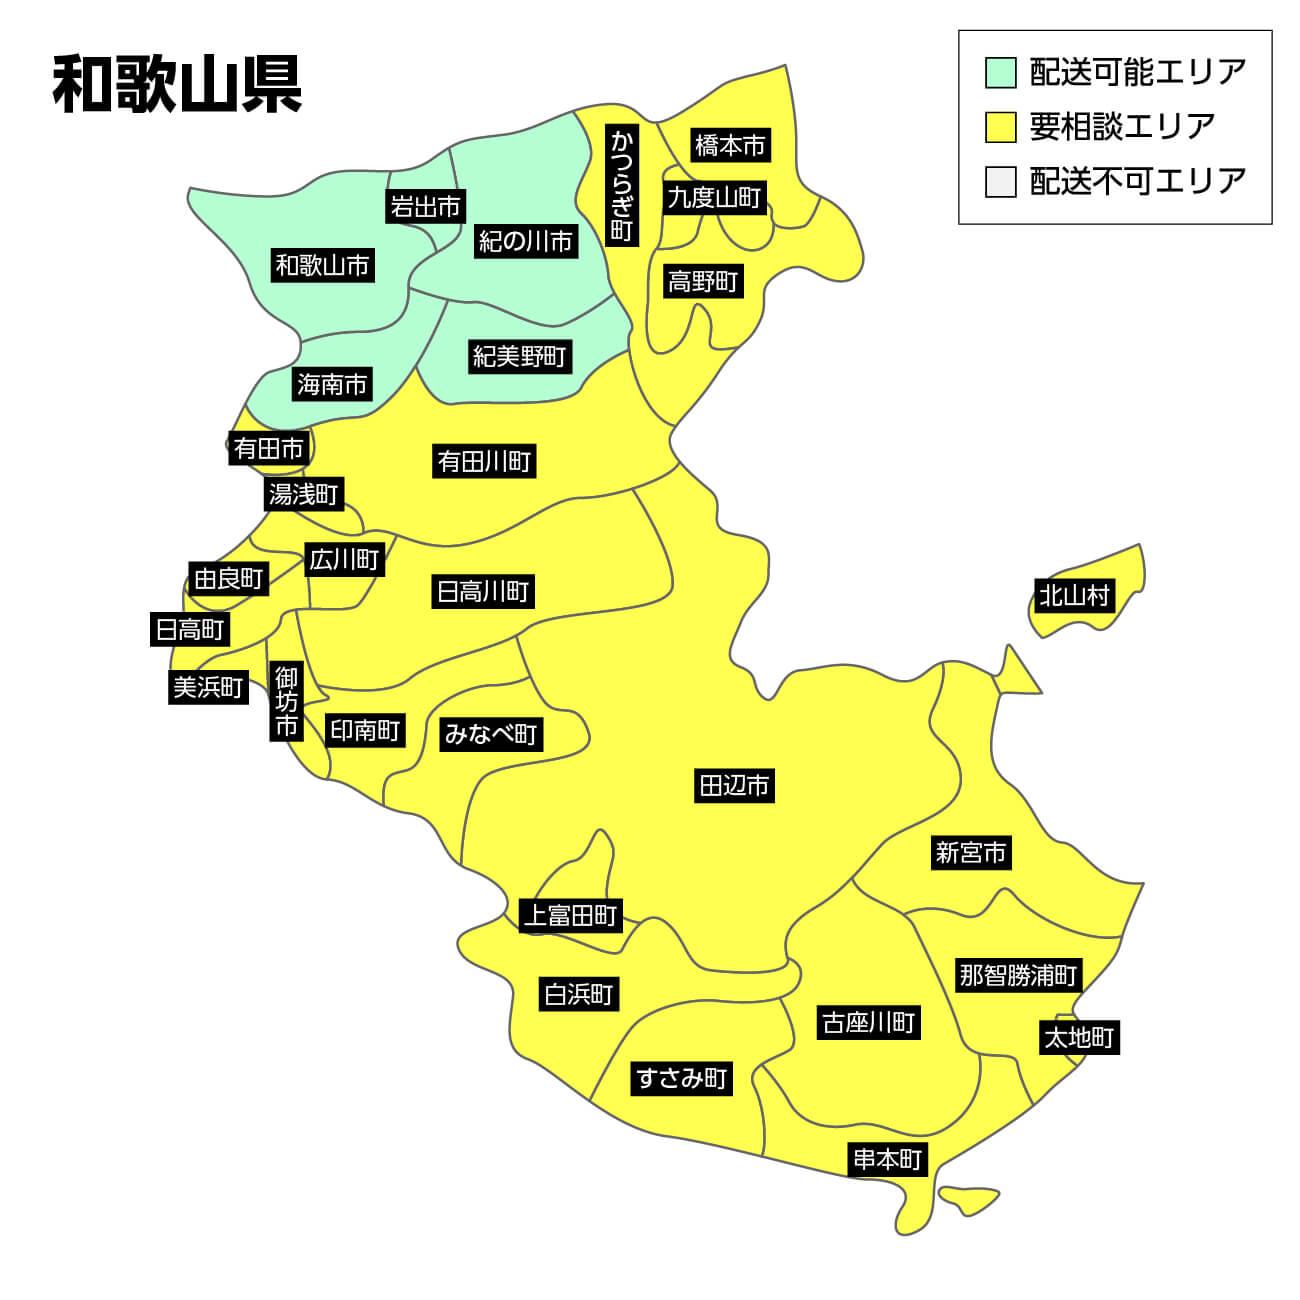 和歌山県の集荷可能エリア